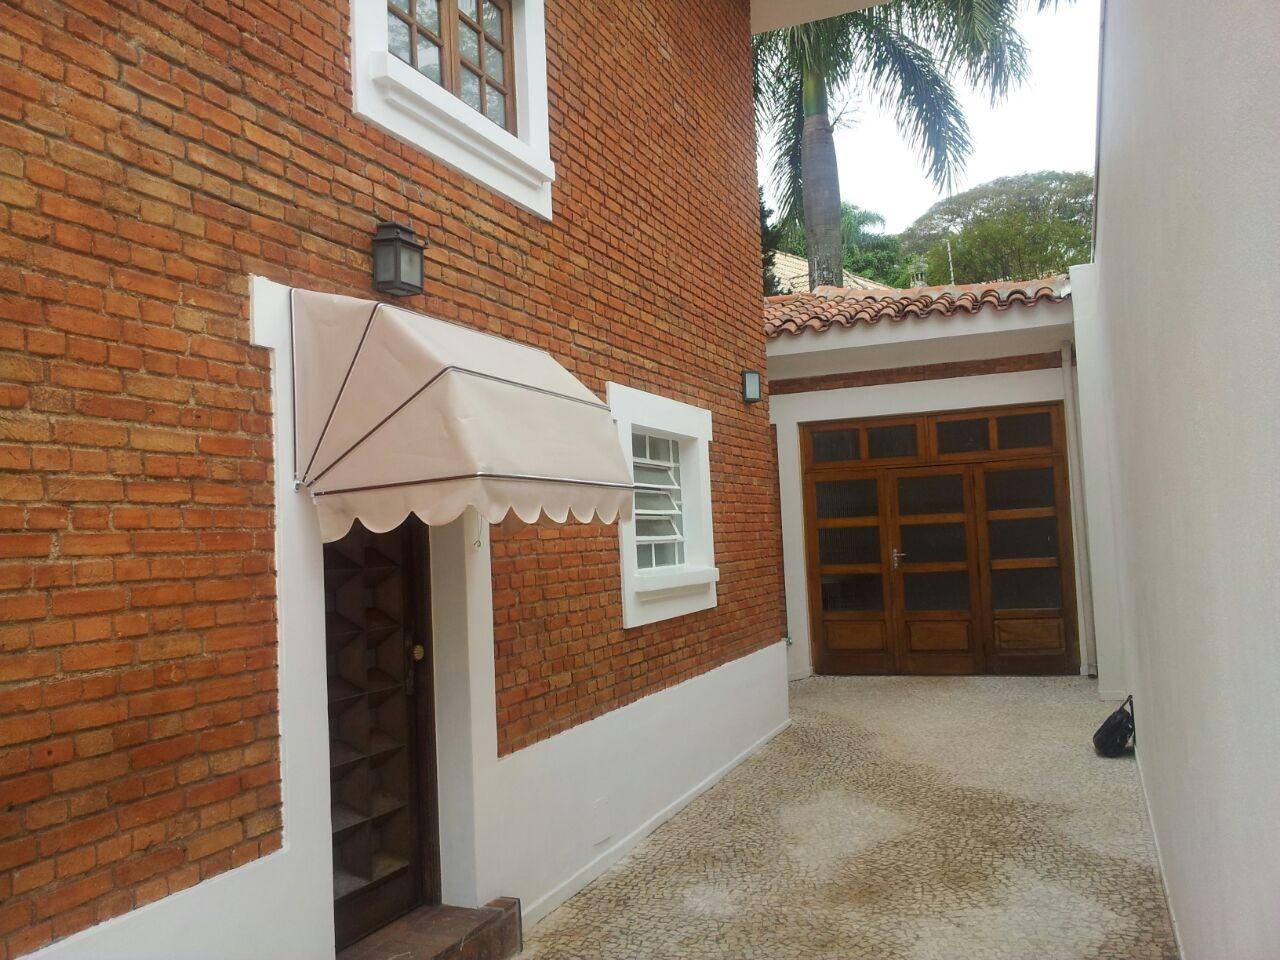 Instalação de Toldos Serviços na Vila Barros - Toldo Fixo em Lona